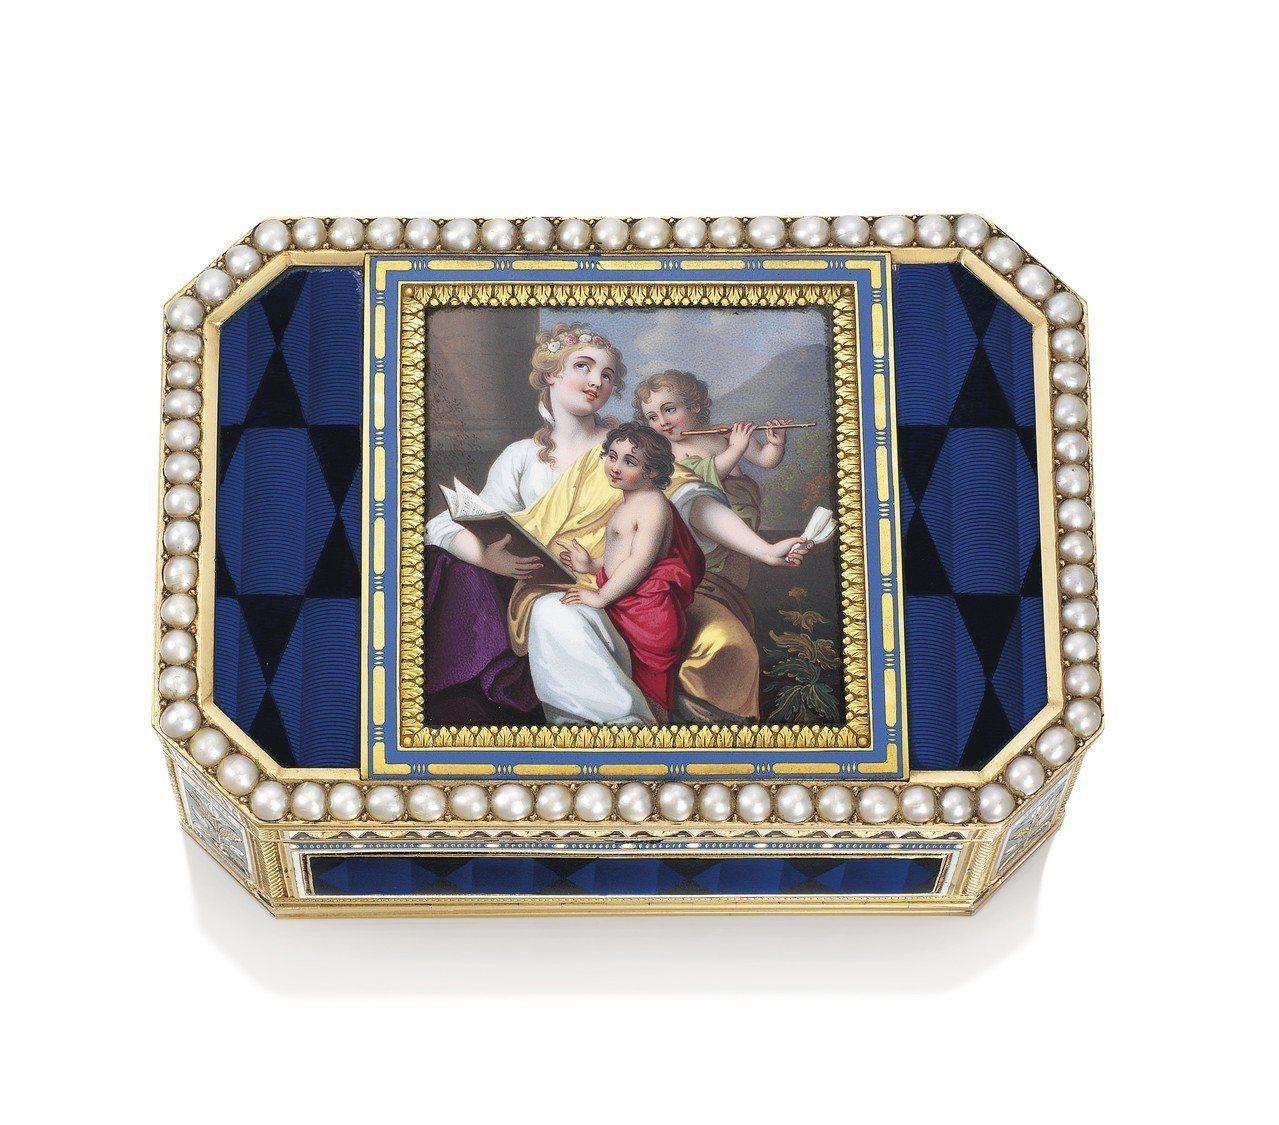 香港首度的「金盒」拍賣, 1804 年製於日內瓦、嵌有珠寶的瑞士琺瑯黃金自動音樂...